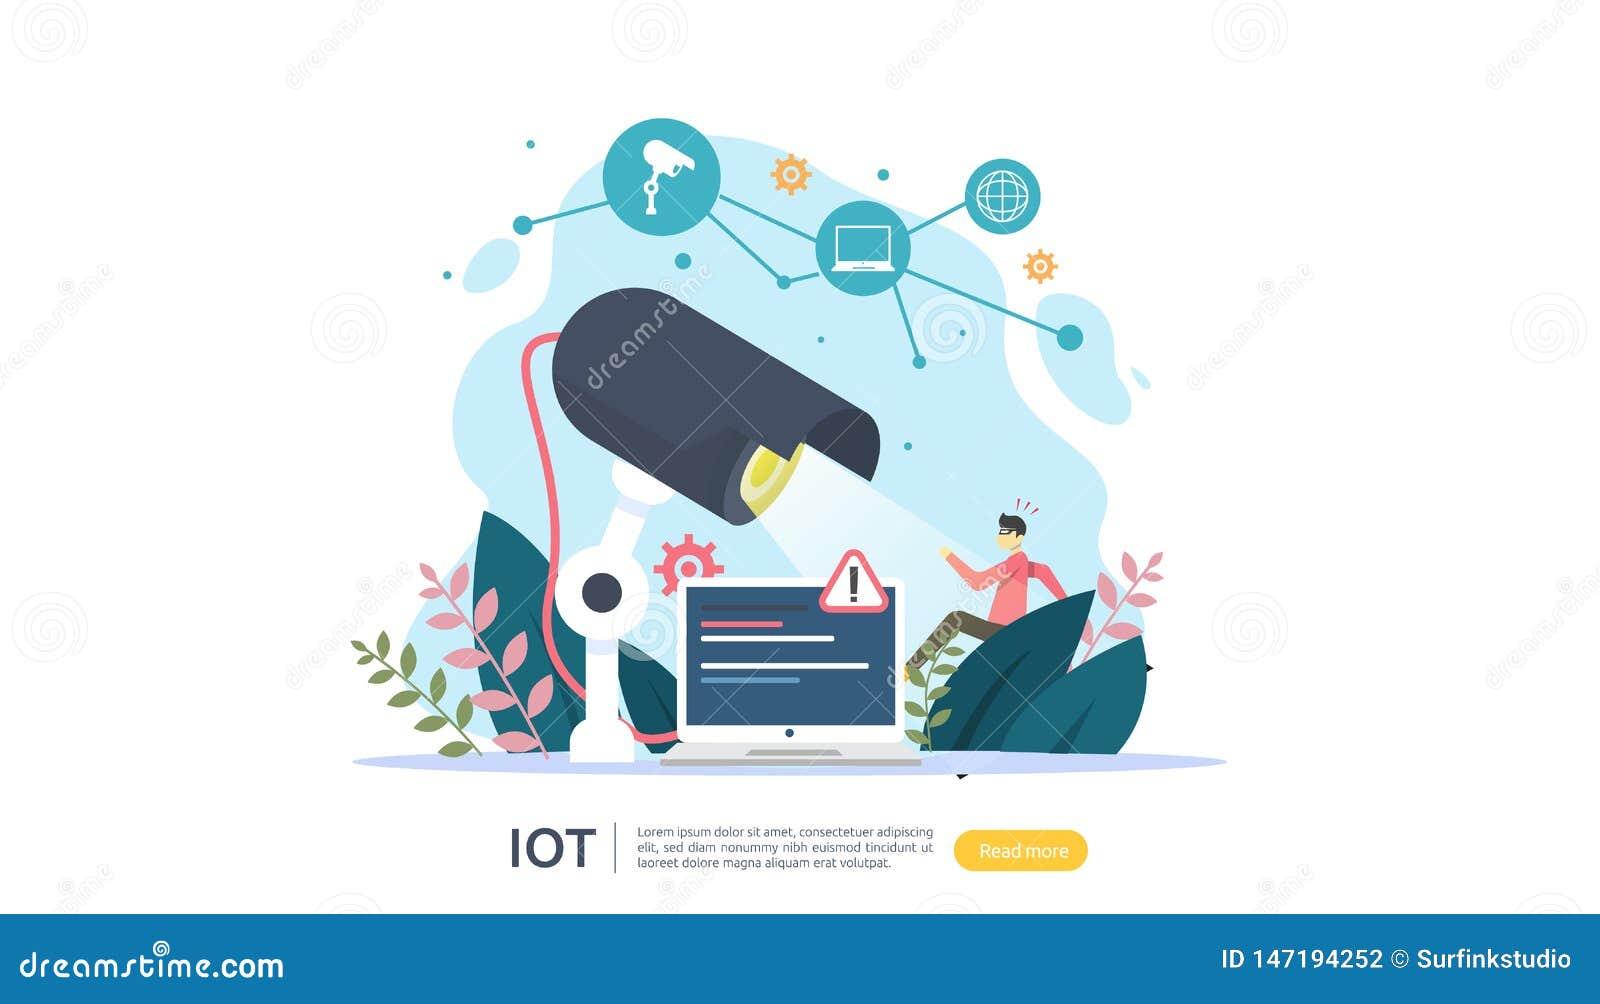 Monitoração da câmara de segurança do CCTV ladrão chocado detectado Internet de IOT do conceito esperto da casa das coisas para 4